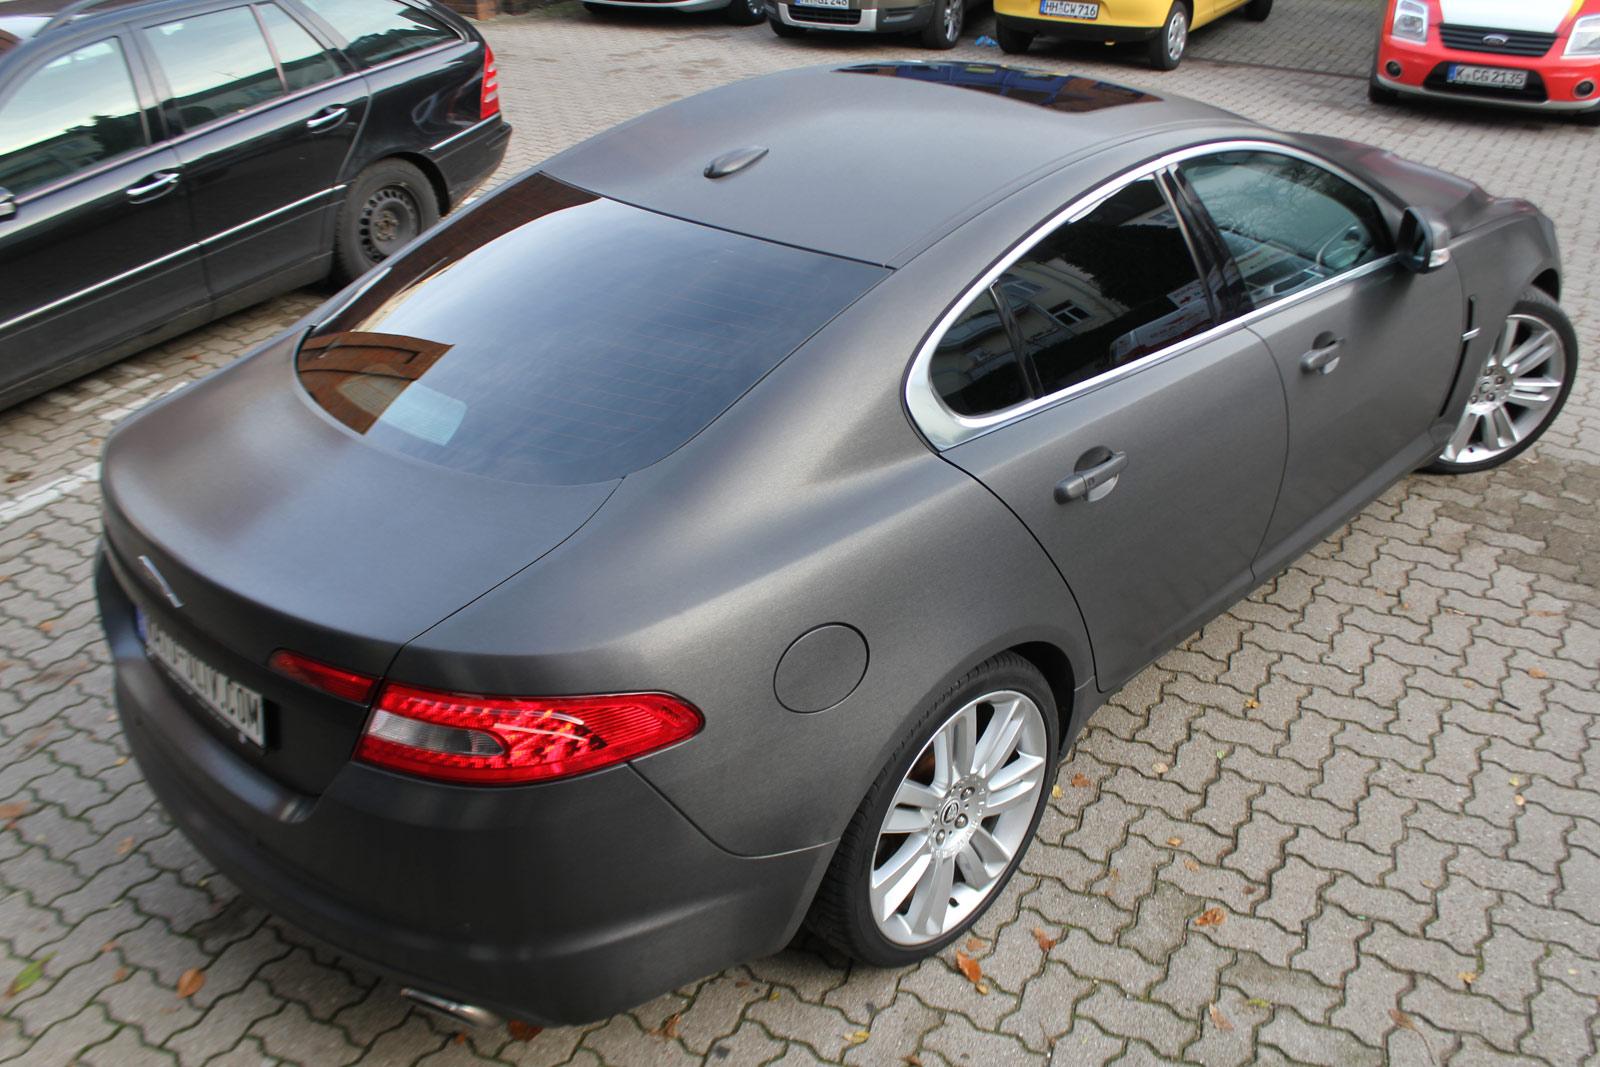 Heckansicht des Jaguar XF SV8 in schwarz gebürsteter Folie mit Scheibentönung.